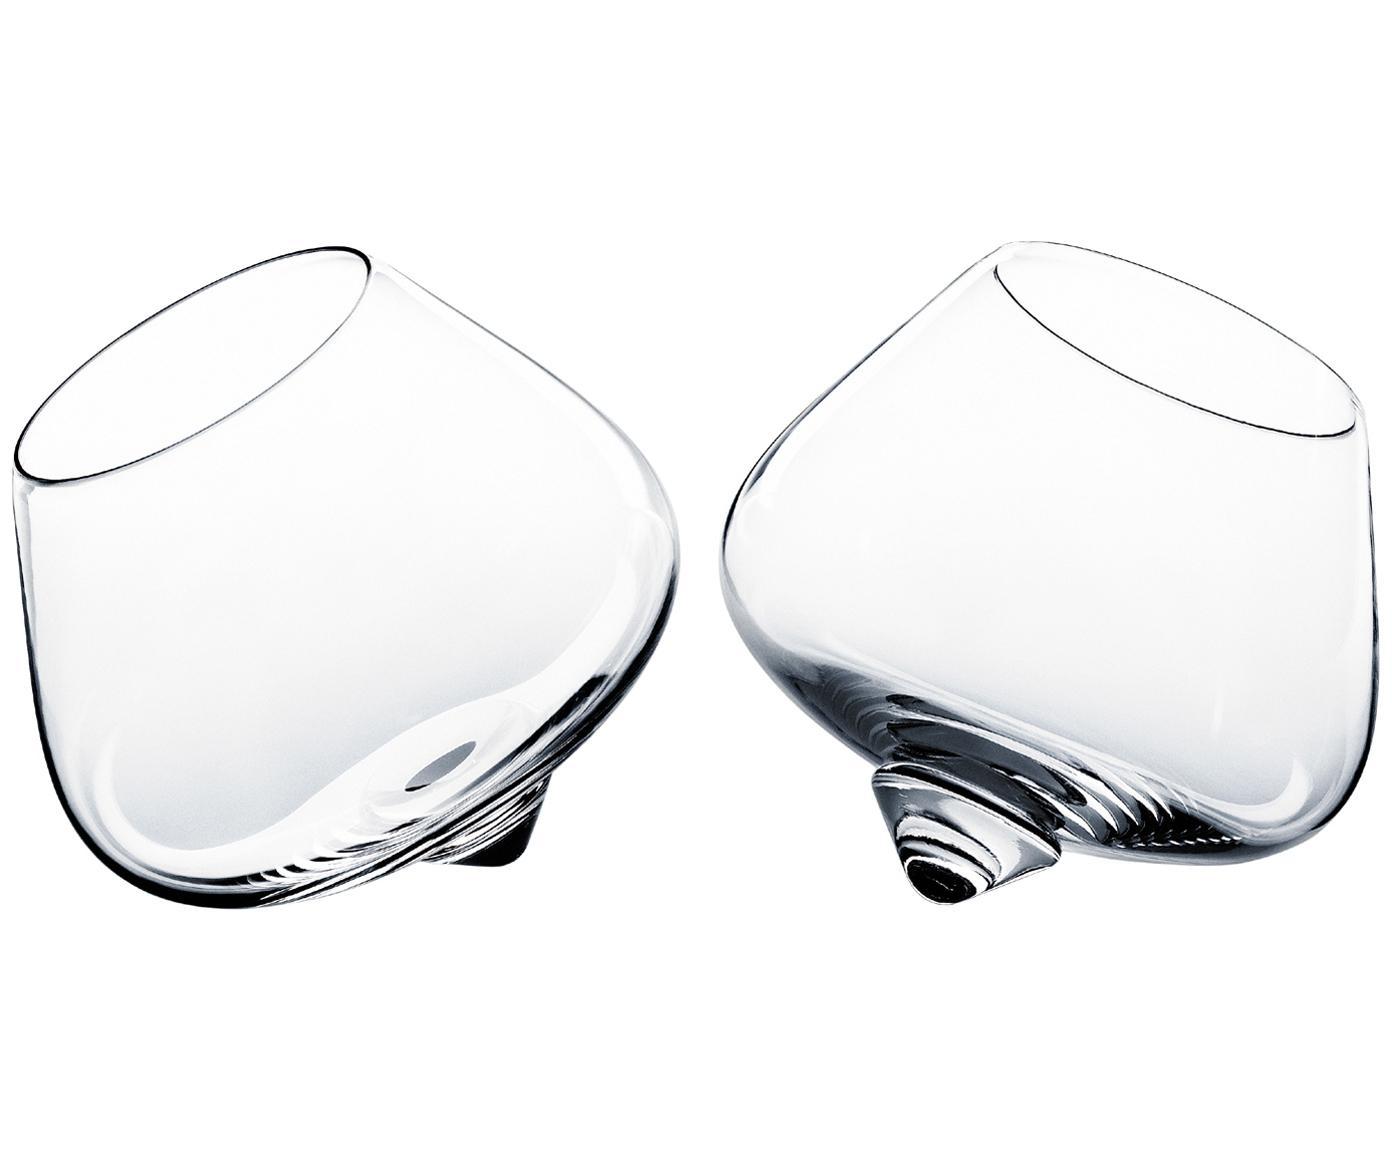 Likeurglazen Branda, 2 stuks, Glas, Transparant, 150 ml